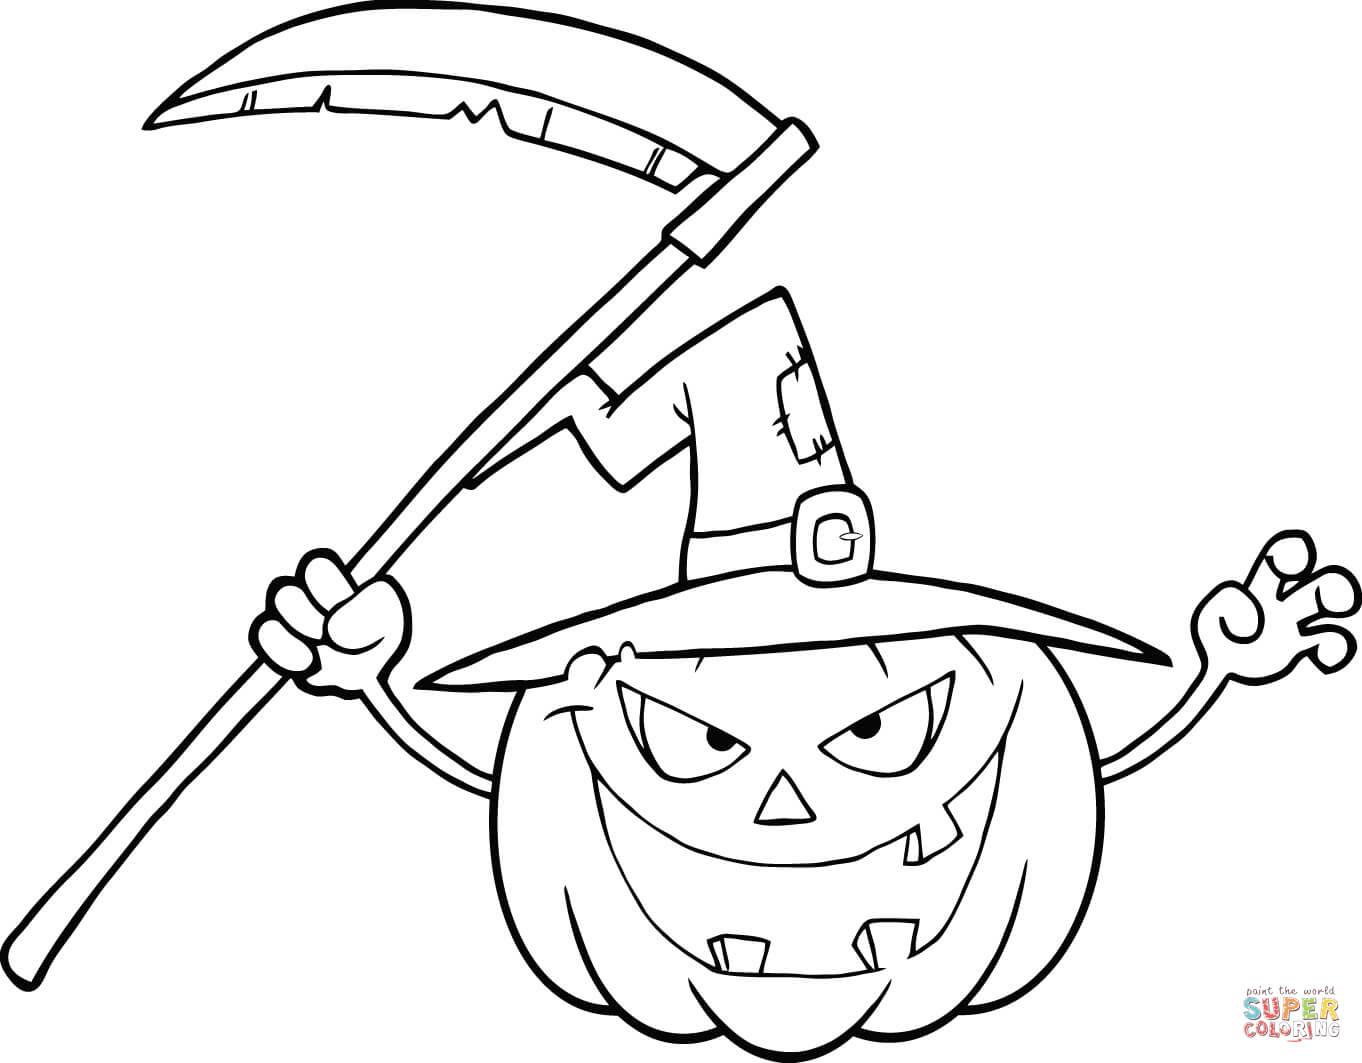 Klick das Bild Schrecklicher Halloween Kürbis mit Hexenhut und Sense